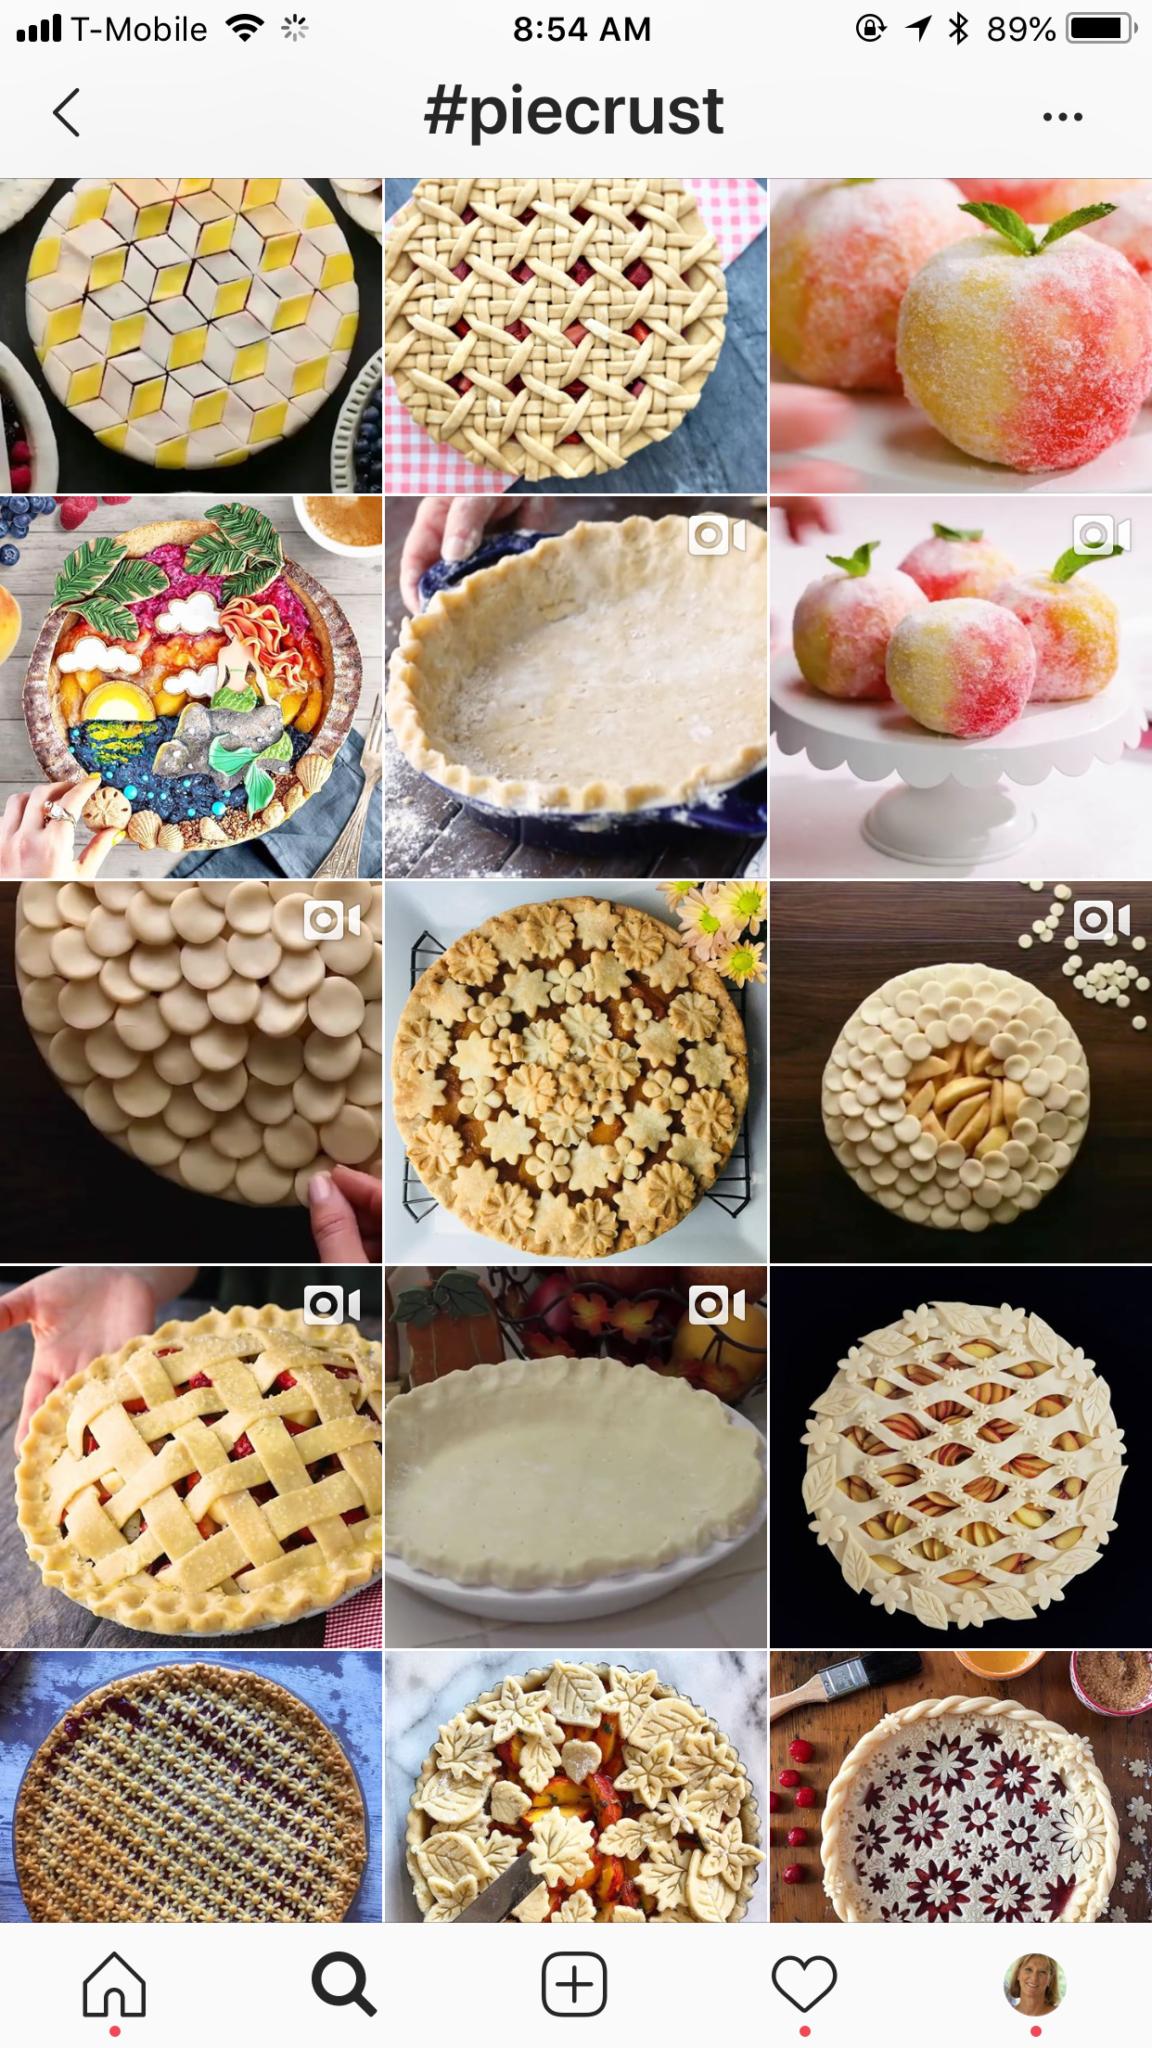 Instagram pictures of piecrusts